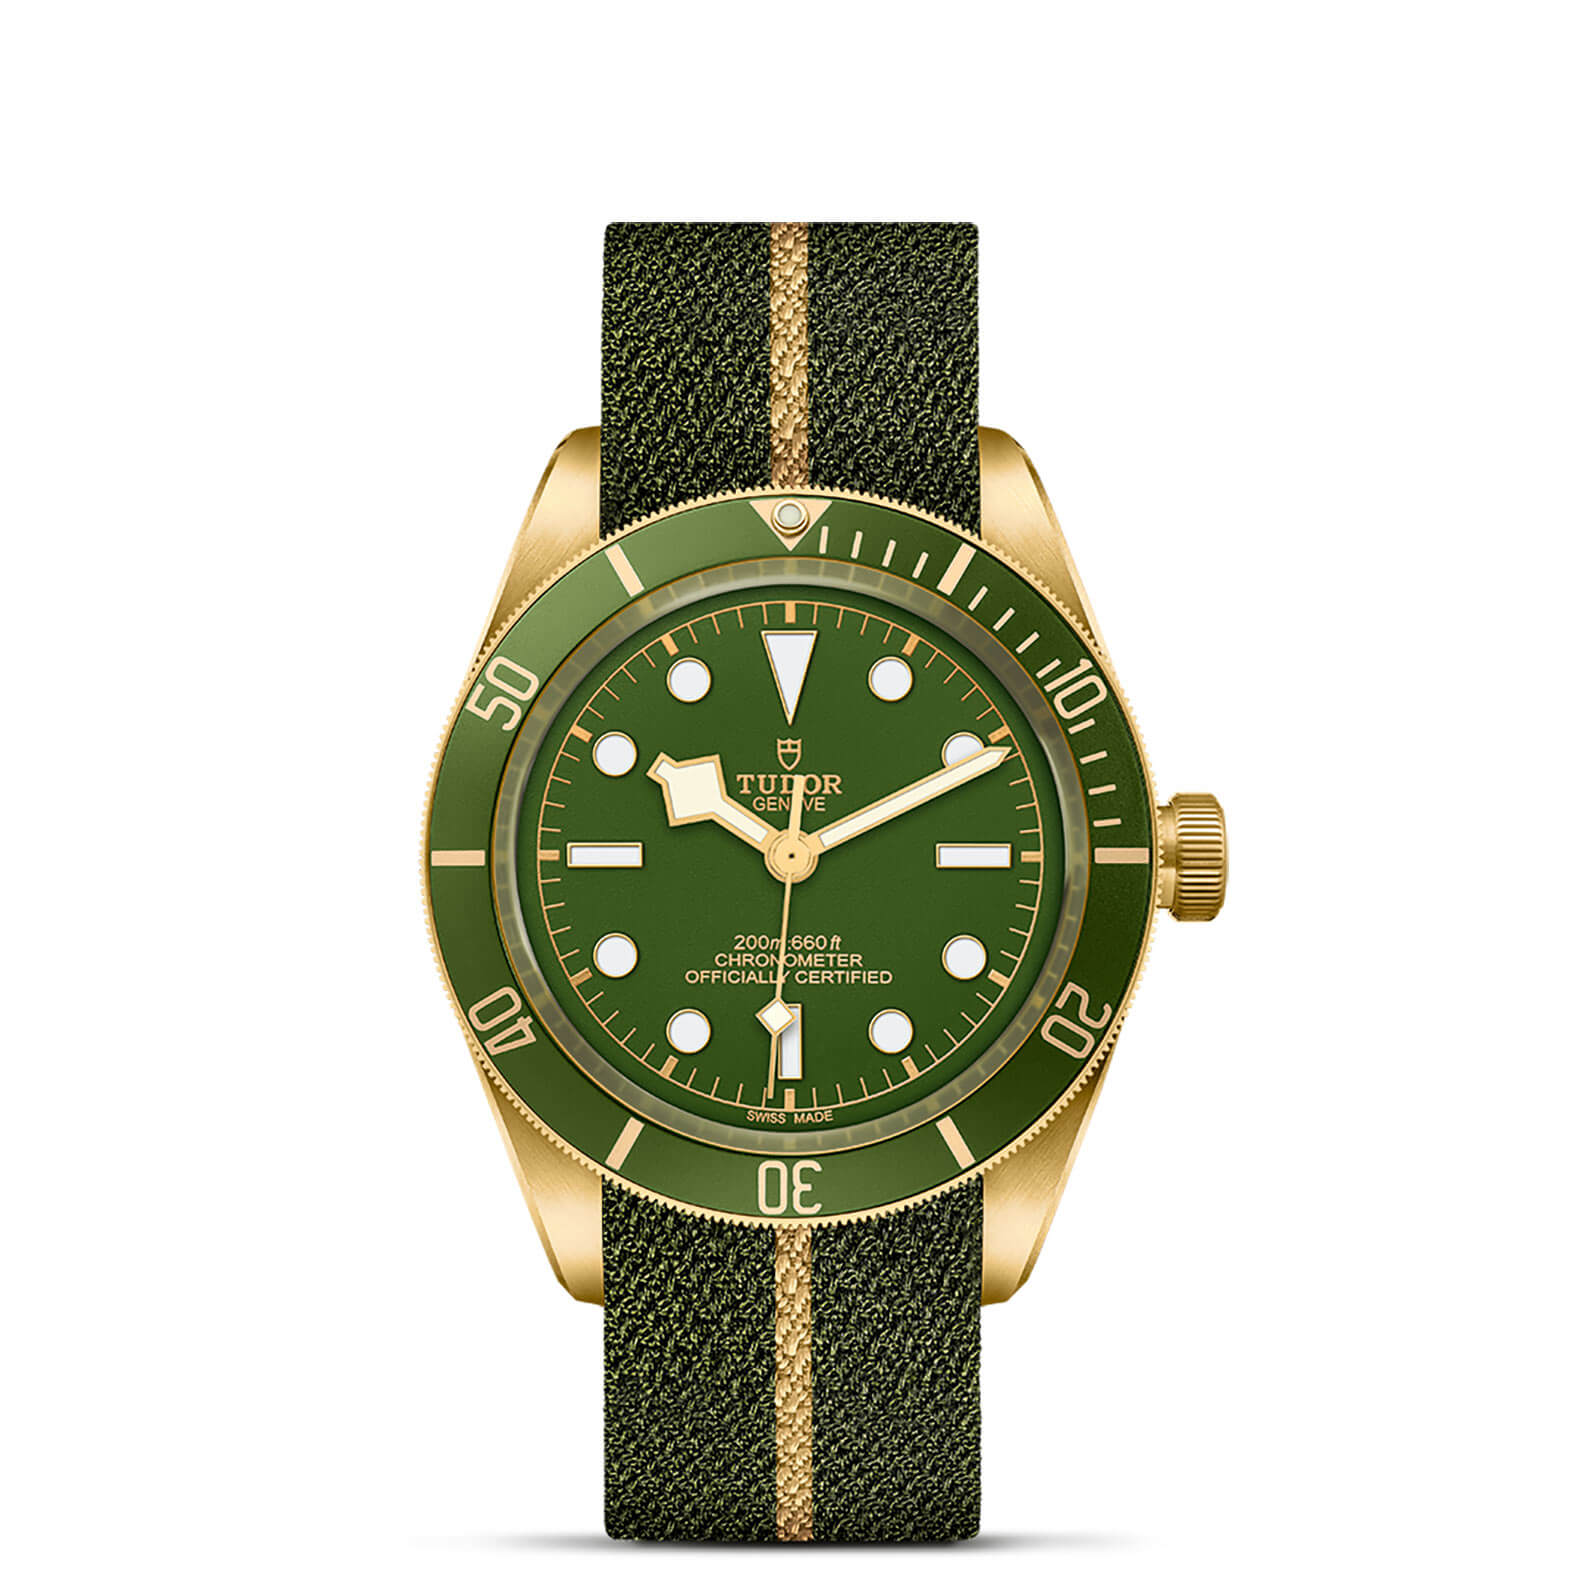 Tudor Black Bay Fifty Eight 18k Ref. 79018V 0001 Additiona Bracelet